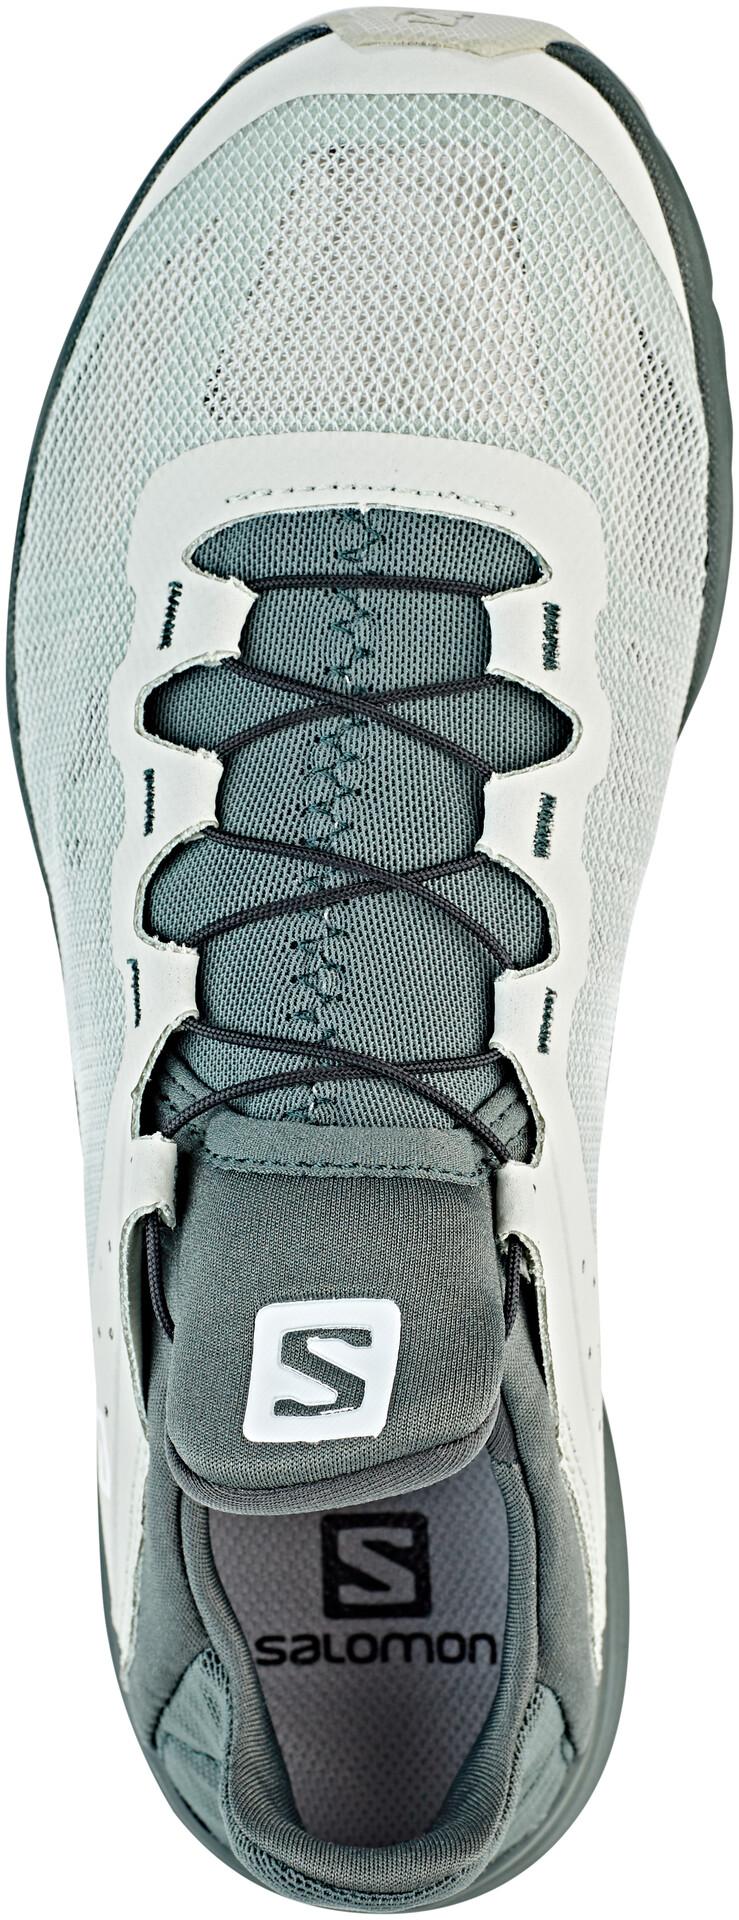 Salomon Amphib Bold Shoes Damen mineral graycrown bluewhite